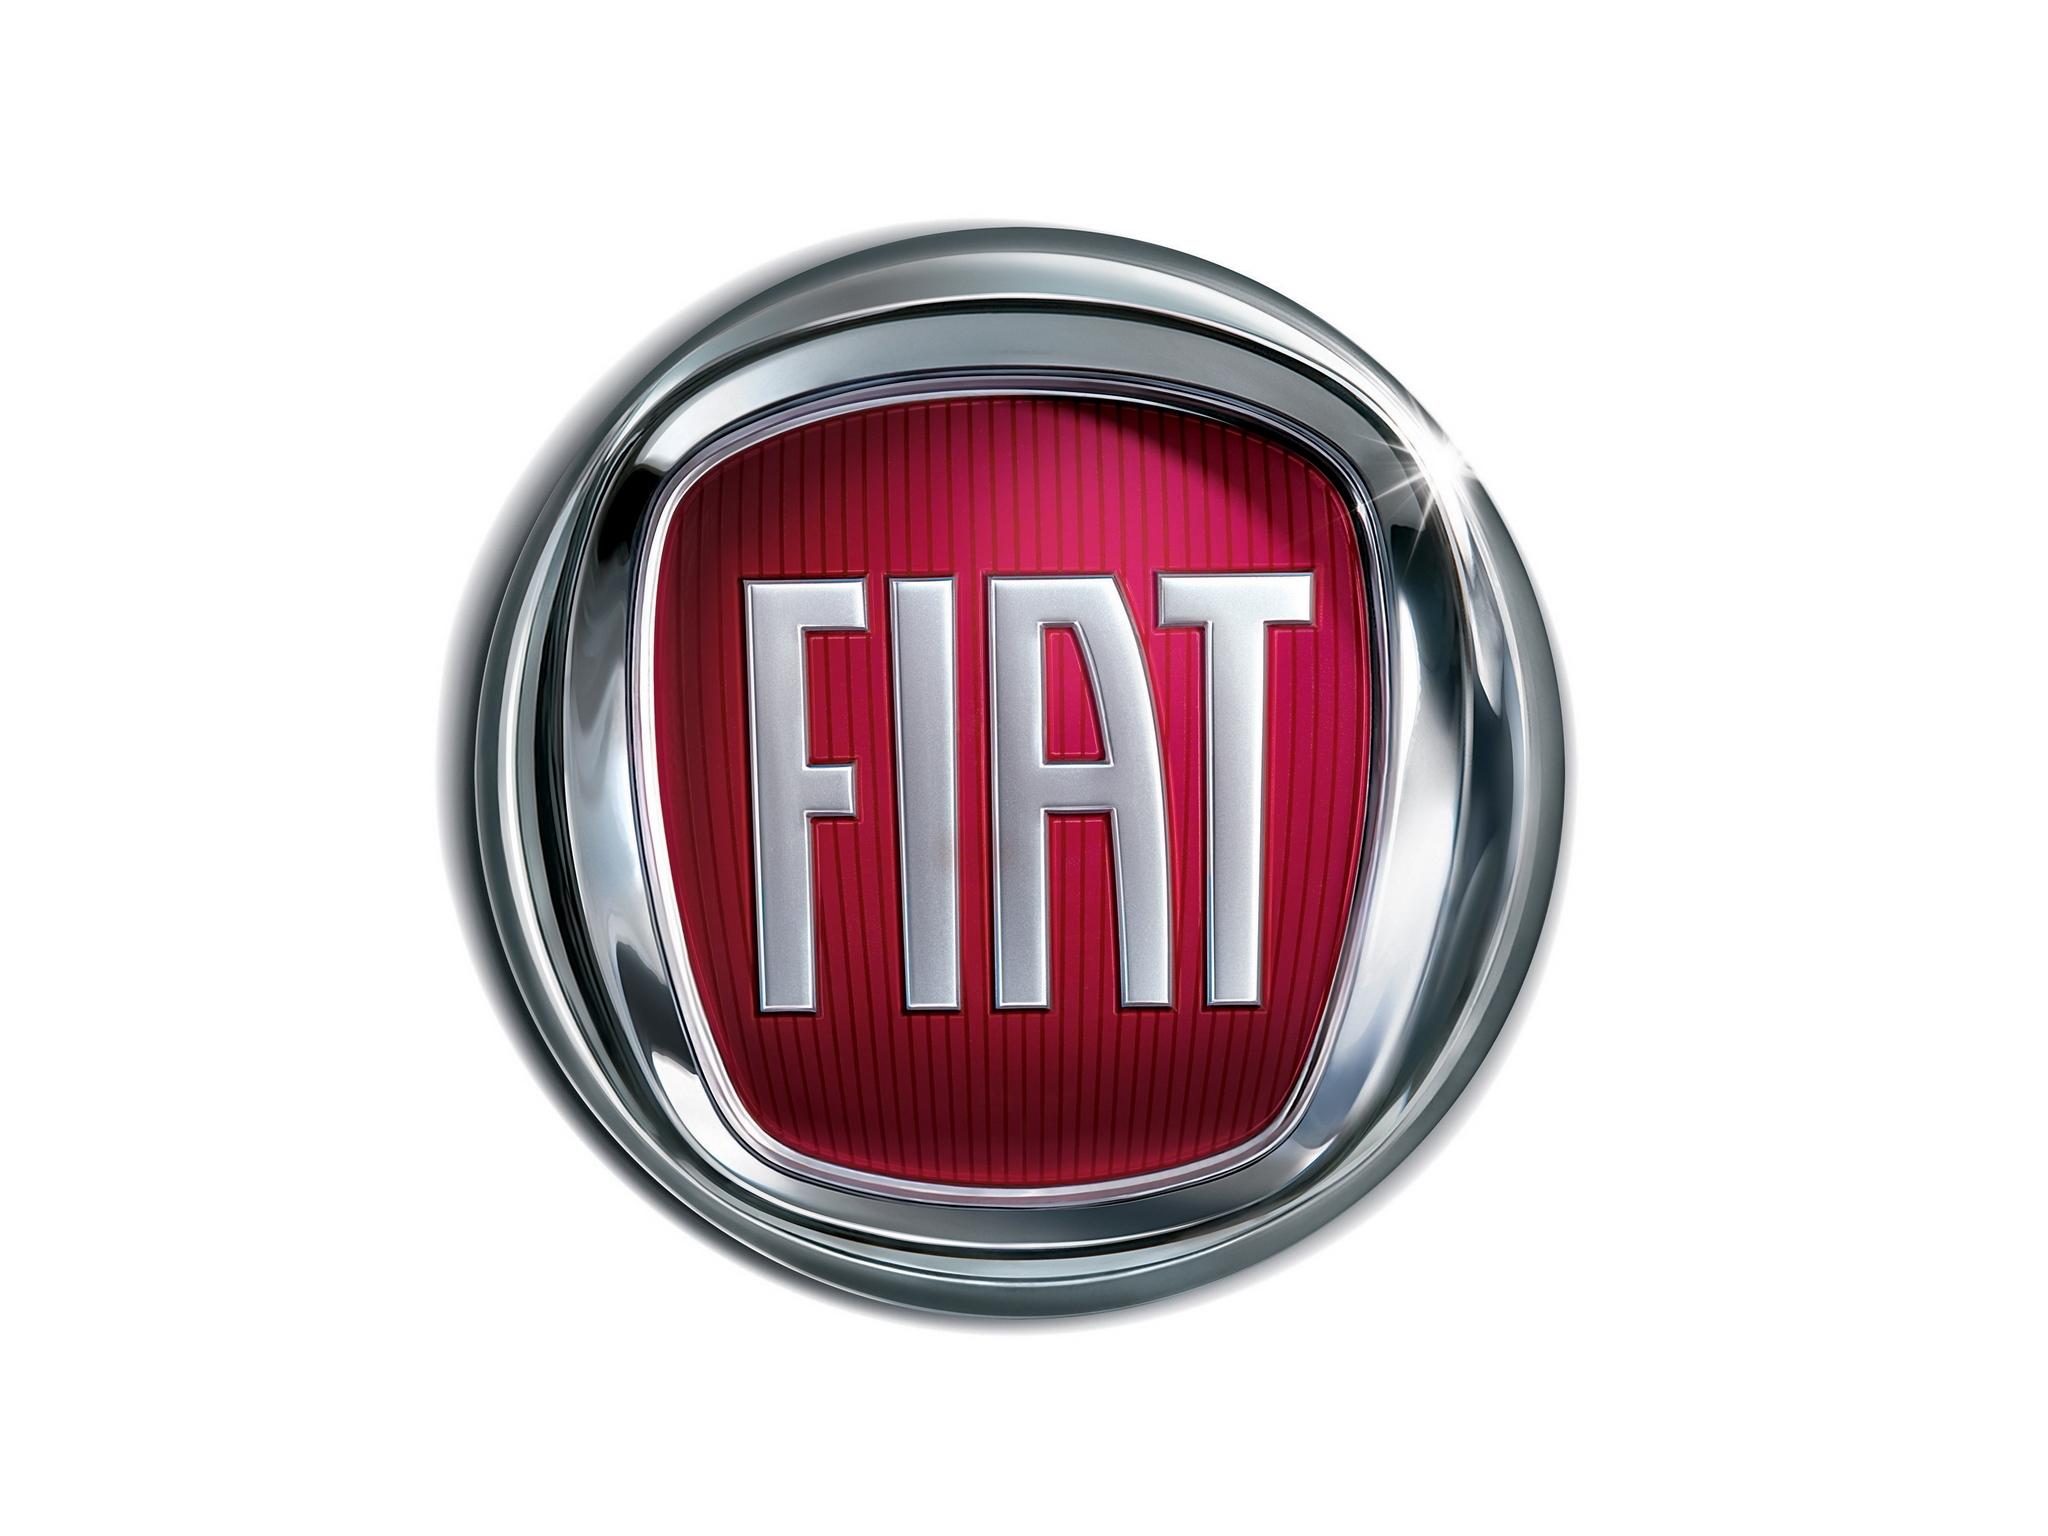 12556 скачать обои Транспорт, Машины, Бренды, Логотипы, Фиат (Fiat) - заставки и картинки бесплатно